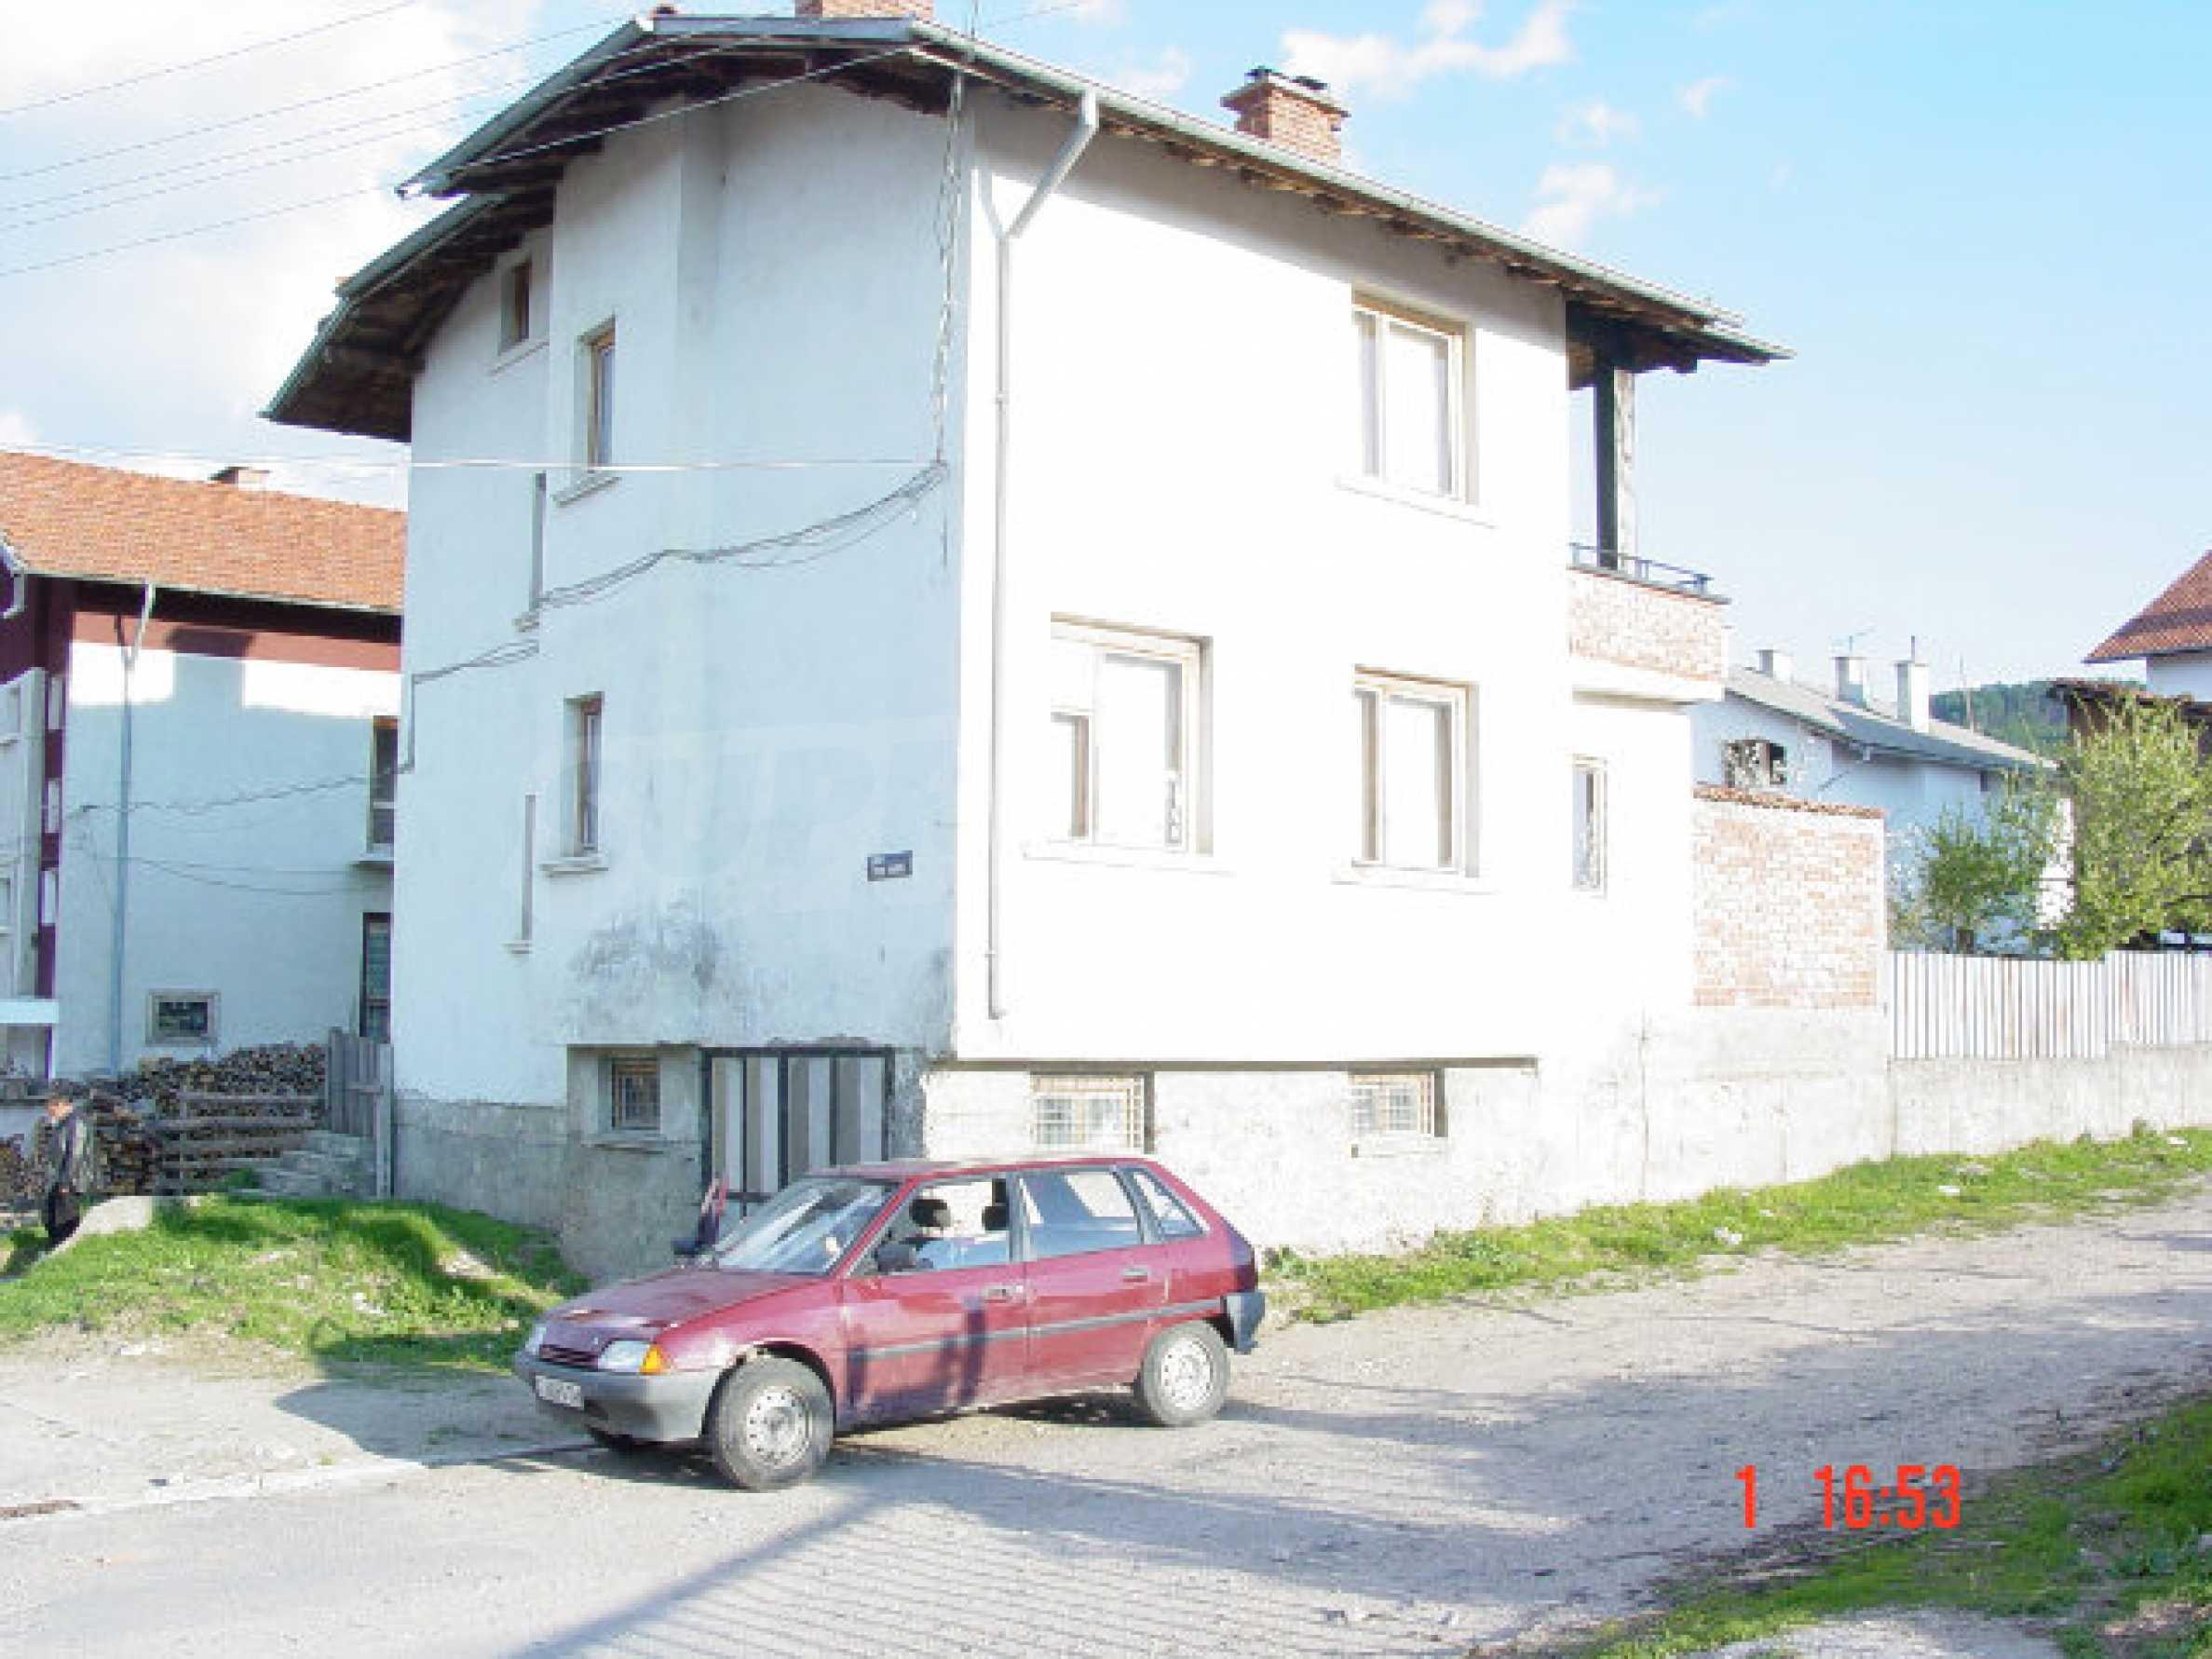 Двухэтажный дом в Добриниште  2